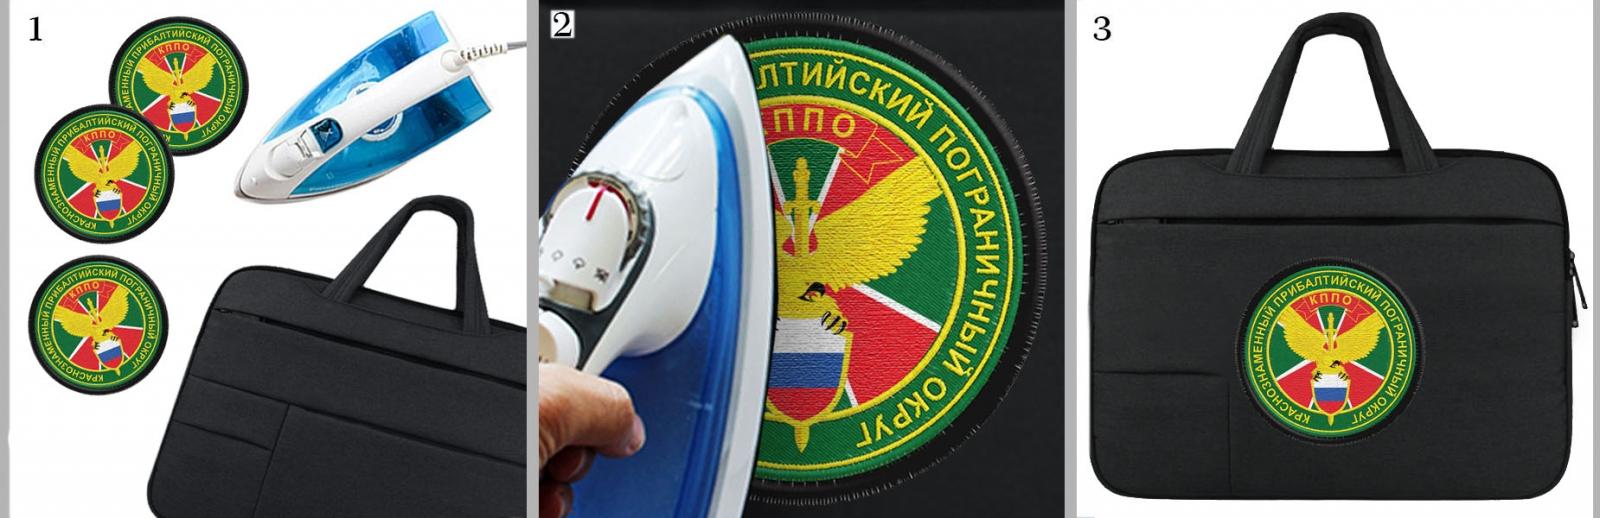 """Шеврон Погранвойск """"Краснознаменный Прибалтийский пограничный округ"""""""